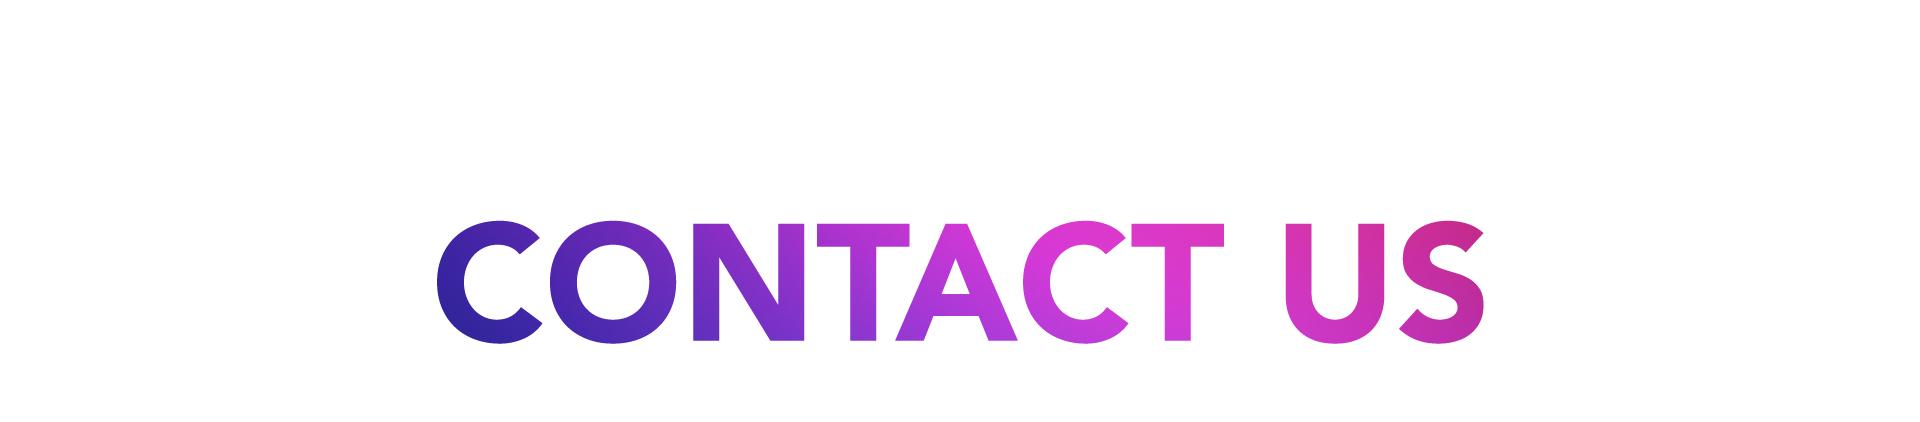 contactus_banner2.jpg